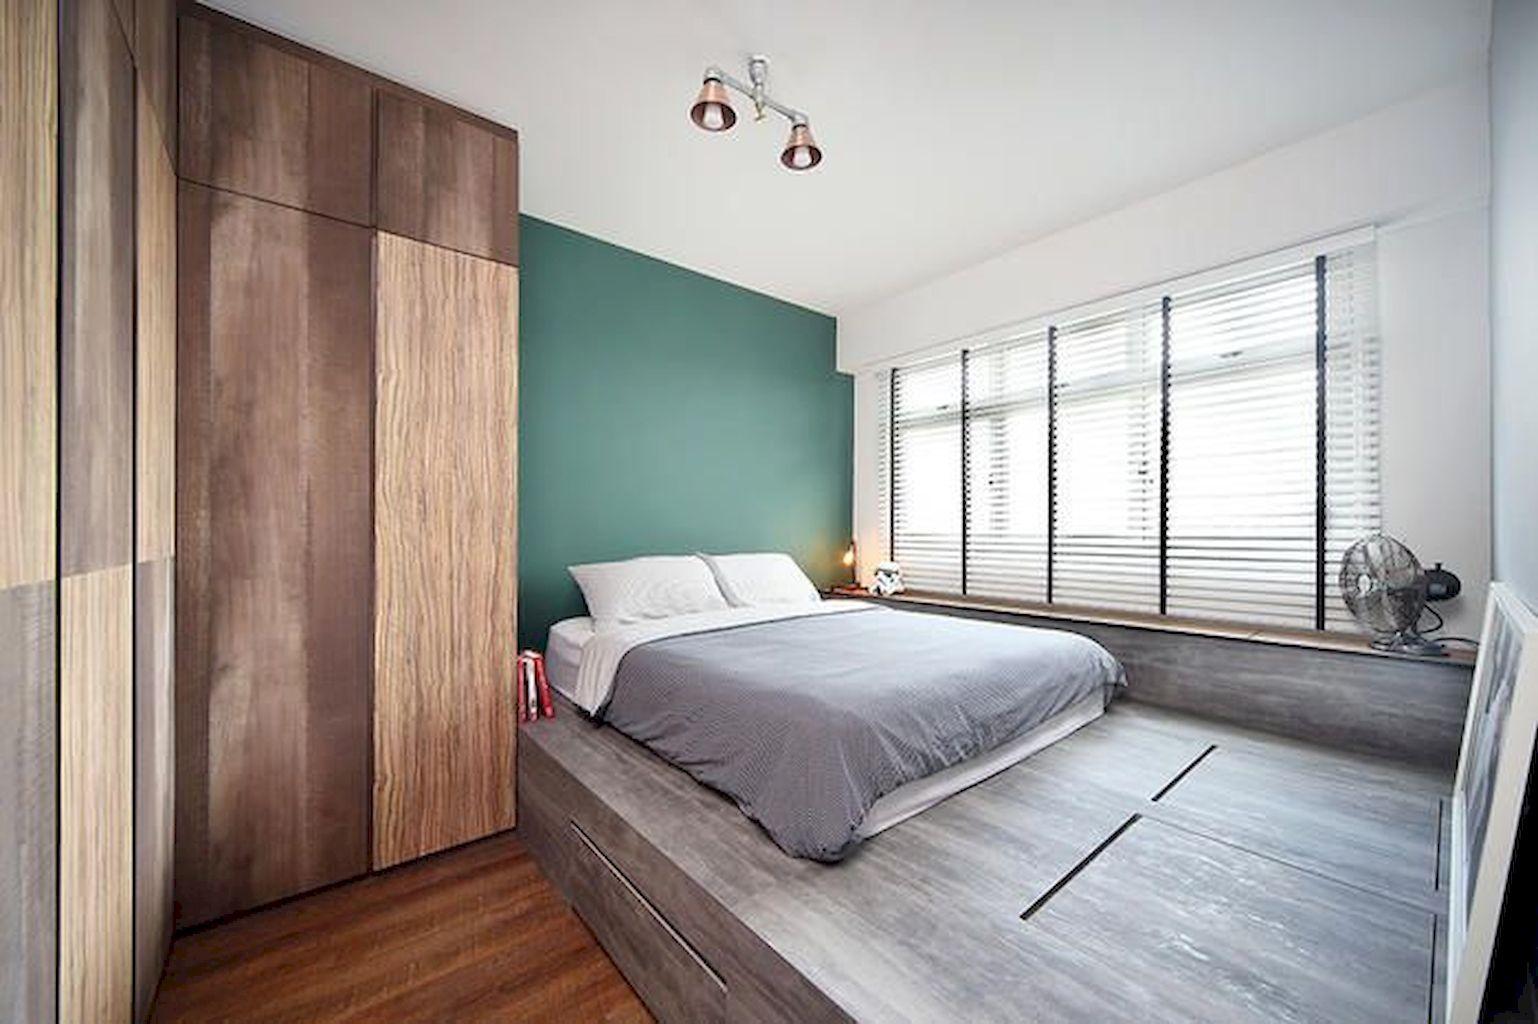 4 room bto master bedroom design   Minimalist Platform Bed Design Ideas  Platform bed designs Bed